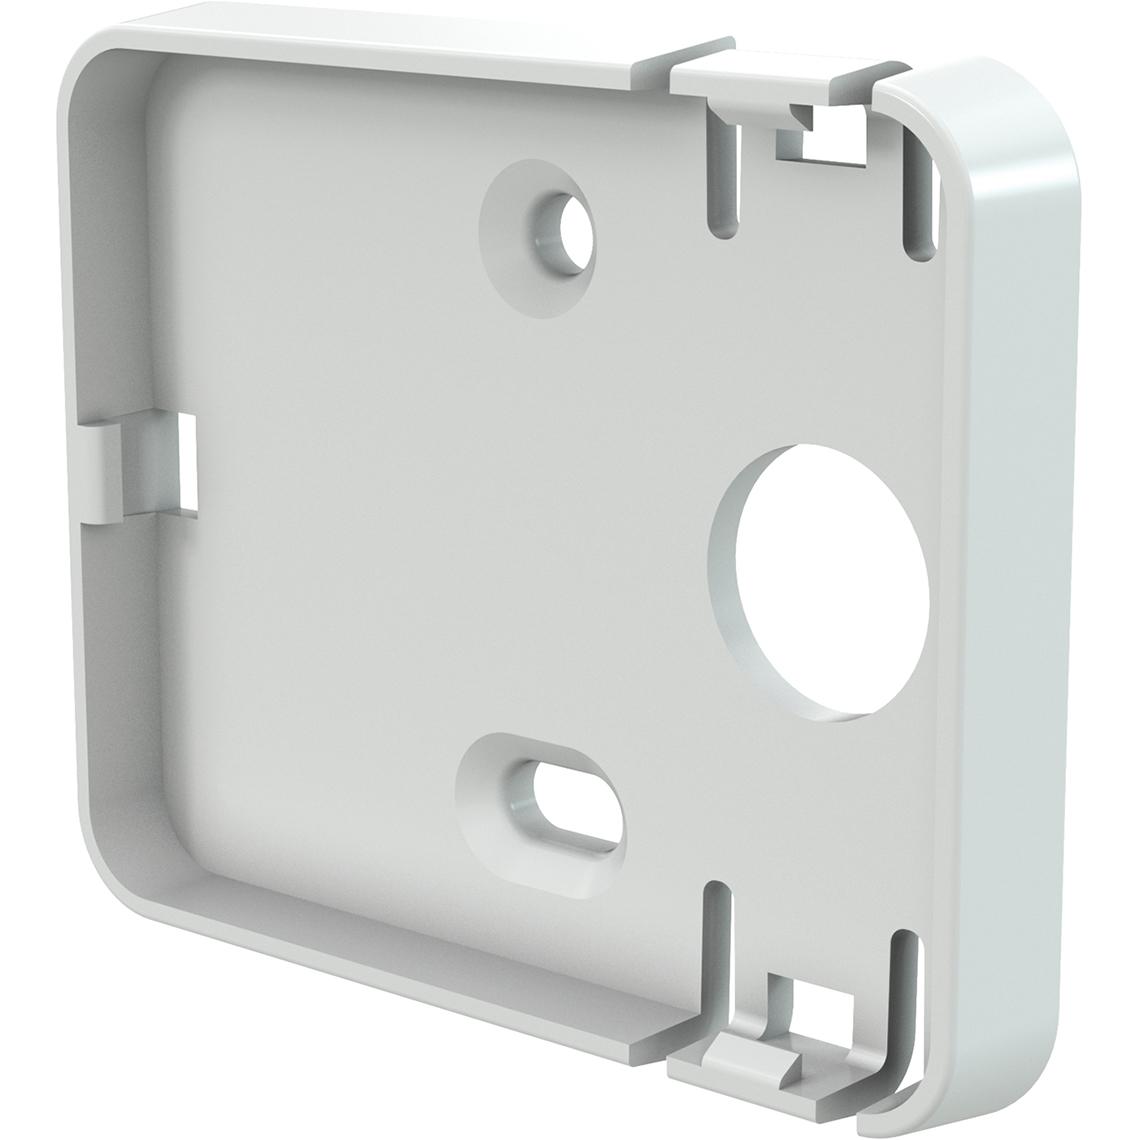 Montagesockel USE-S Gehäuse reinweiß Produktbild